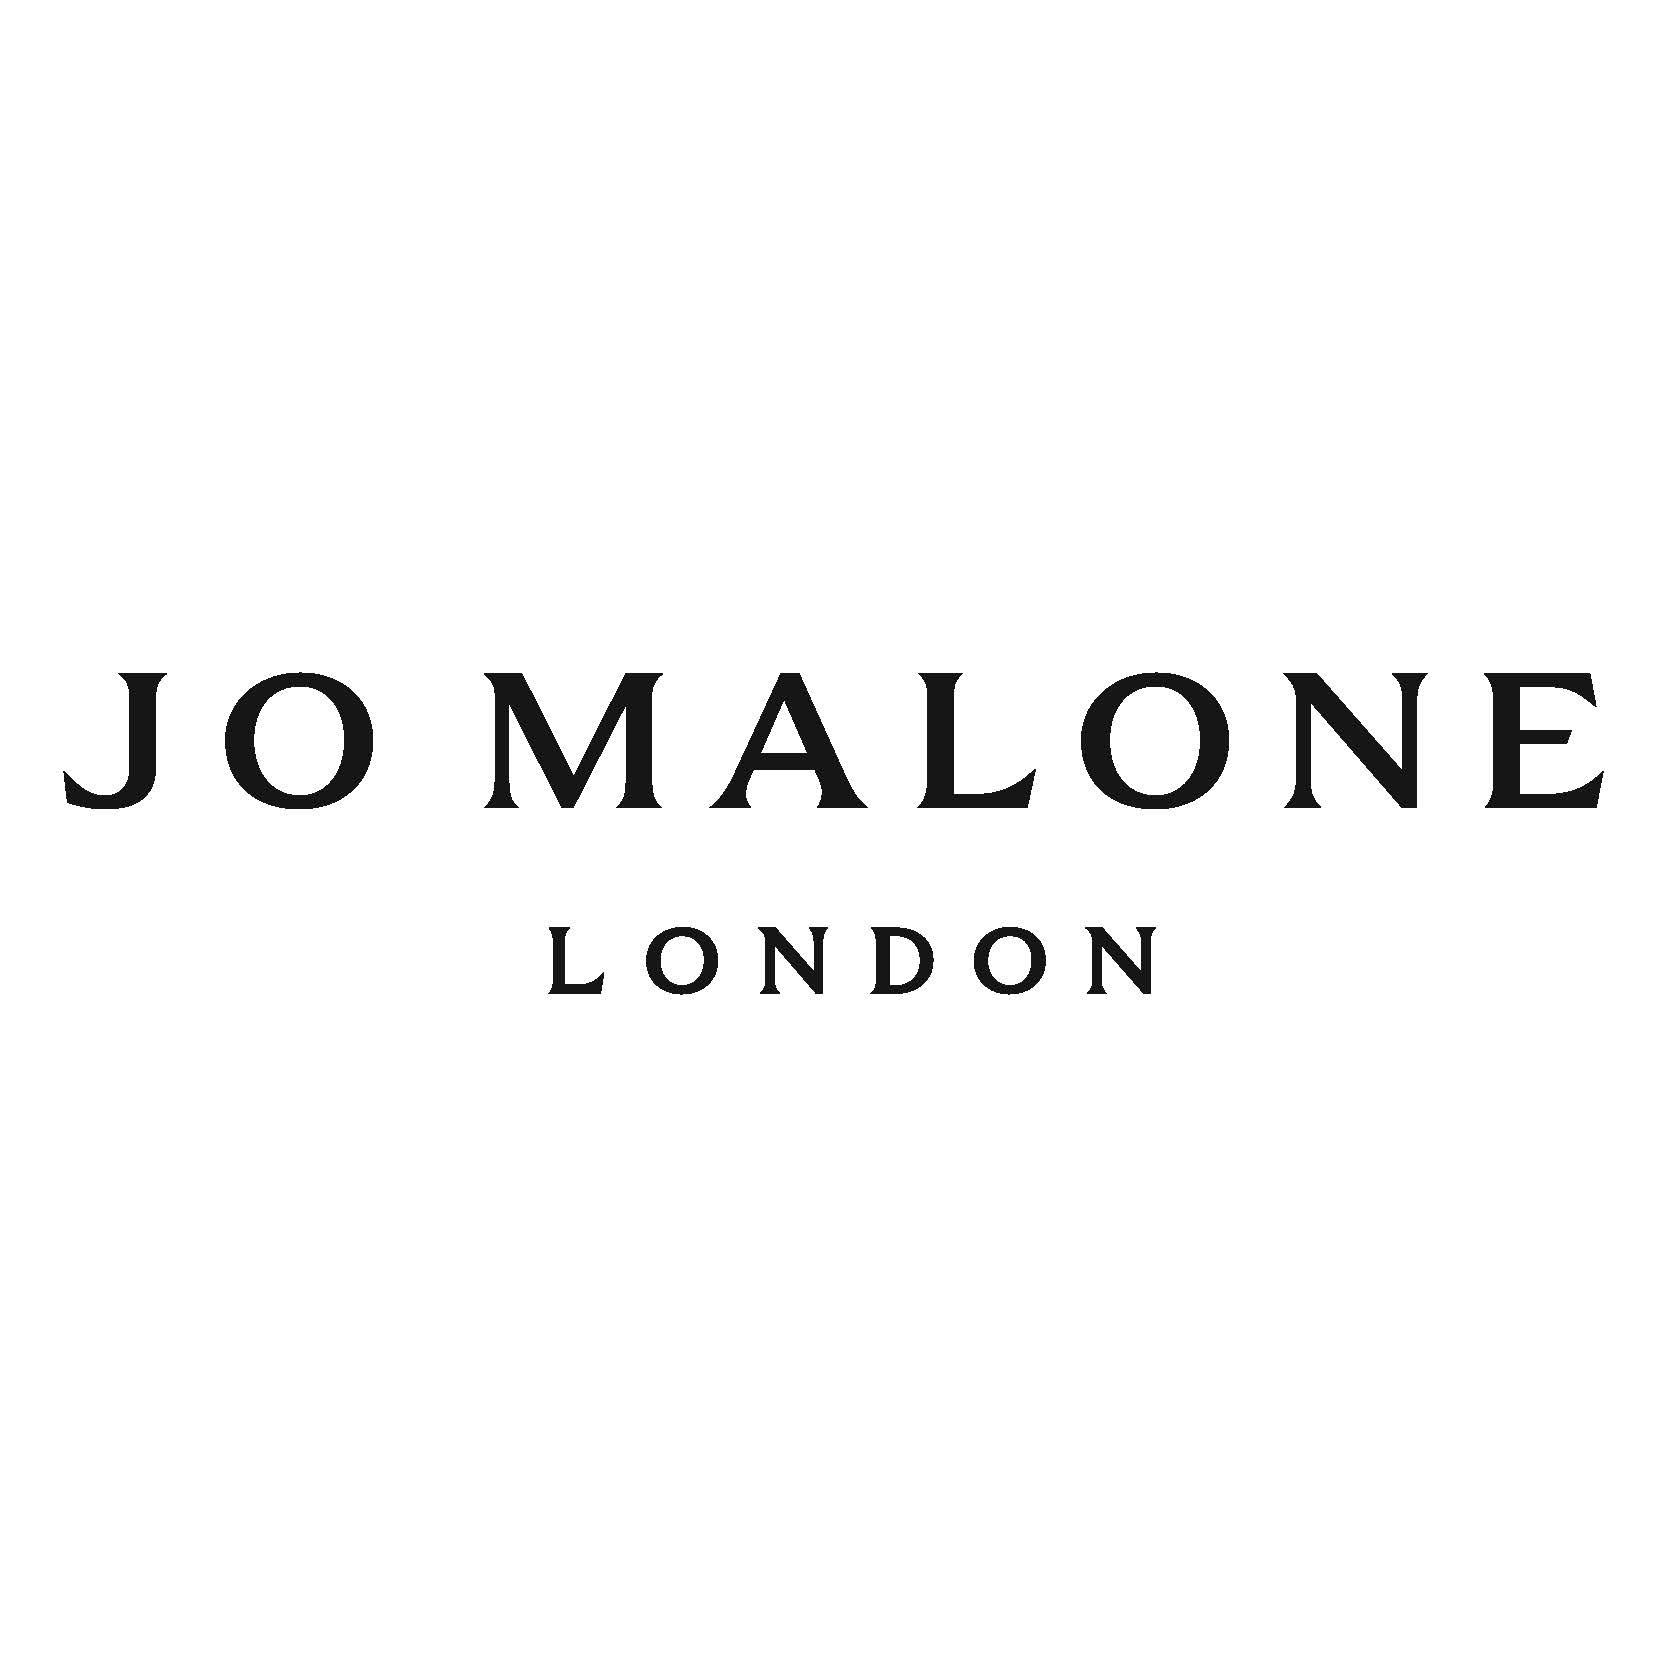 Jo Malone London – Now Open logo